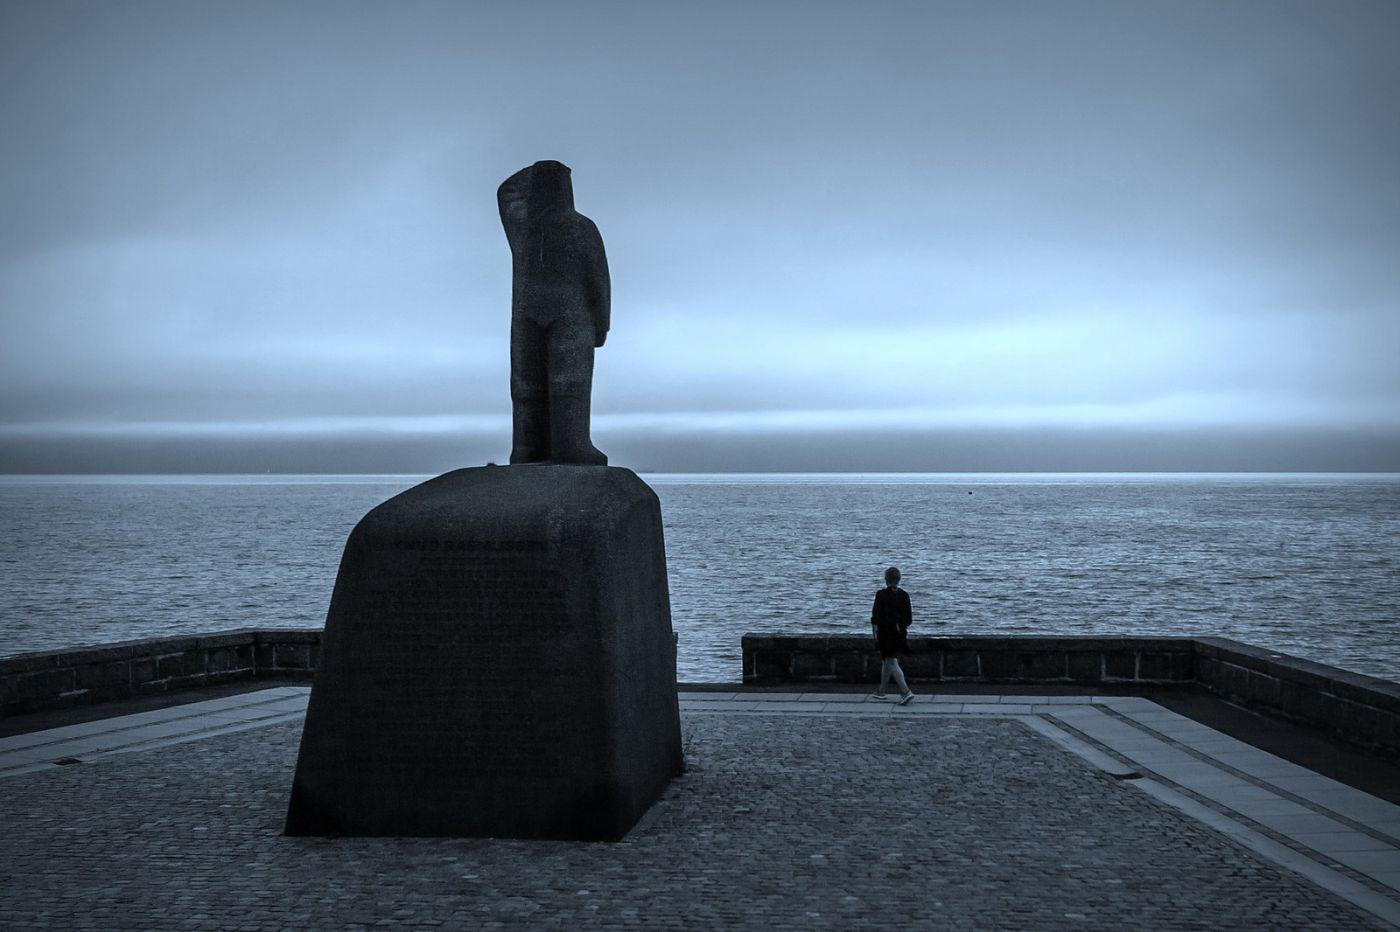 丹麦哥本哈根,坐船看市景_图1-23